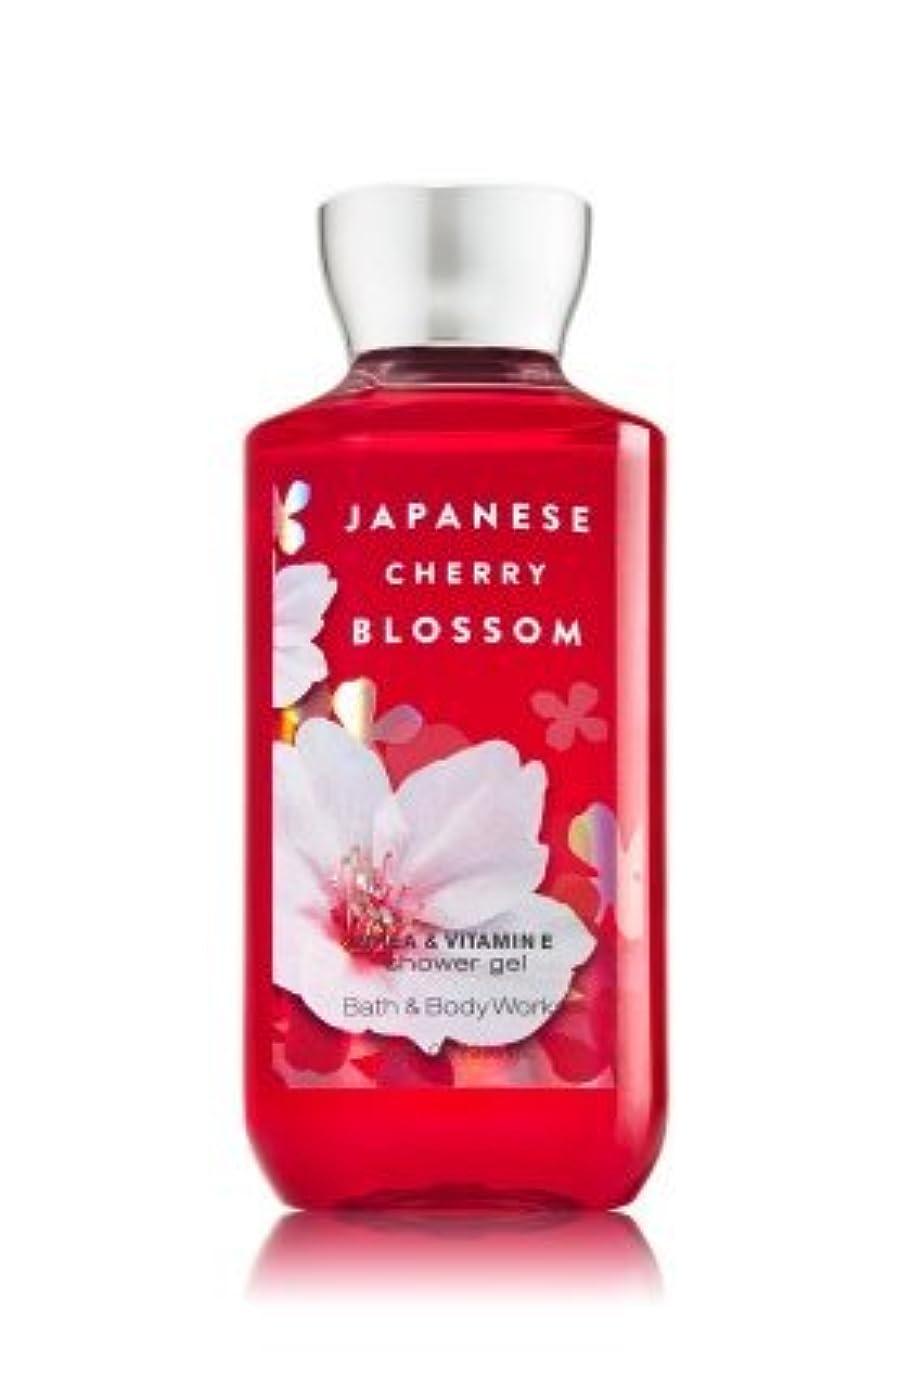 ワーカーフレア活性化【Bath&Body Works/バス&ボディワークス】 シャワージェル ジャパニーズチェリーブロッサム Shower Gel Japanese Cherry Blossom 10 fl oz / 295 mL [並行輸入品]